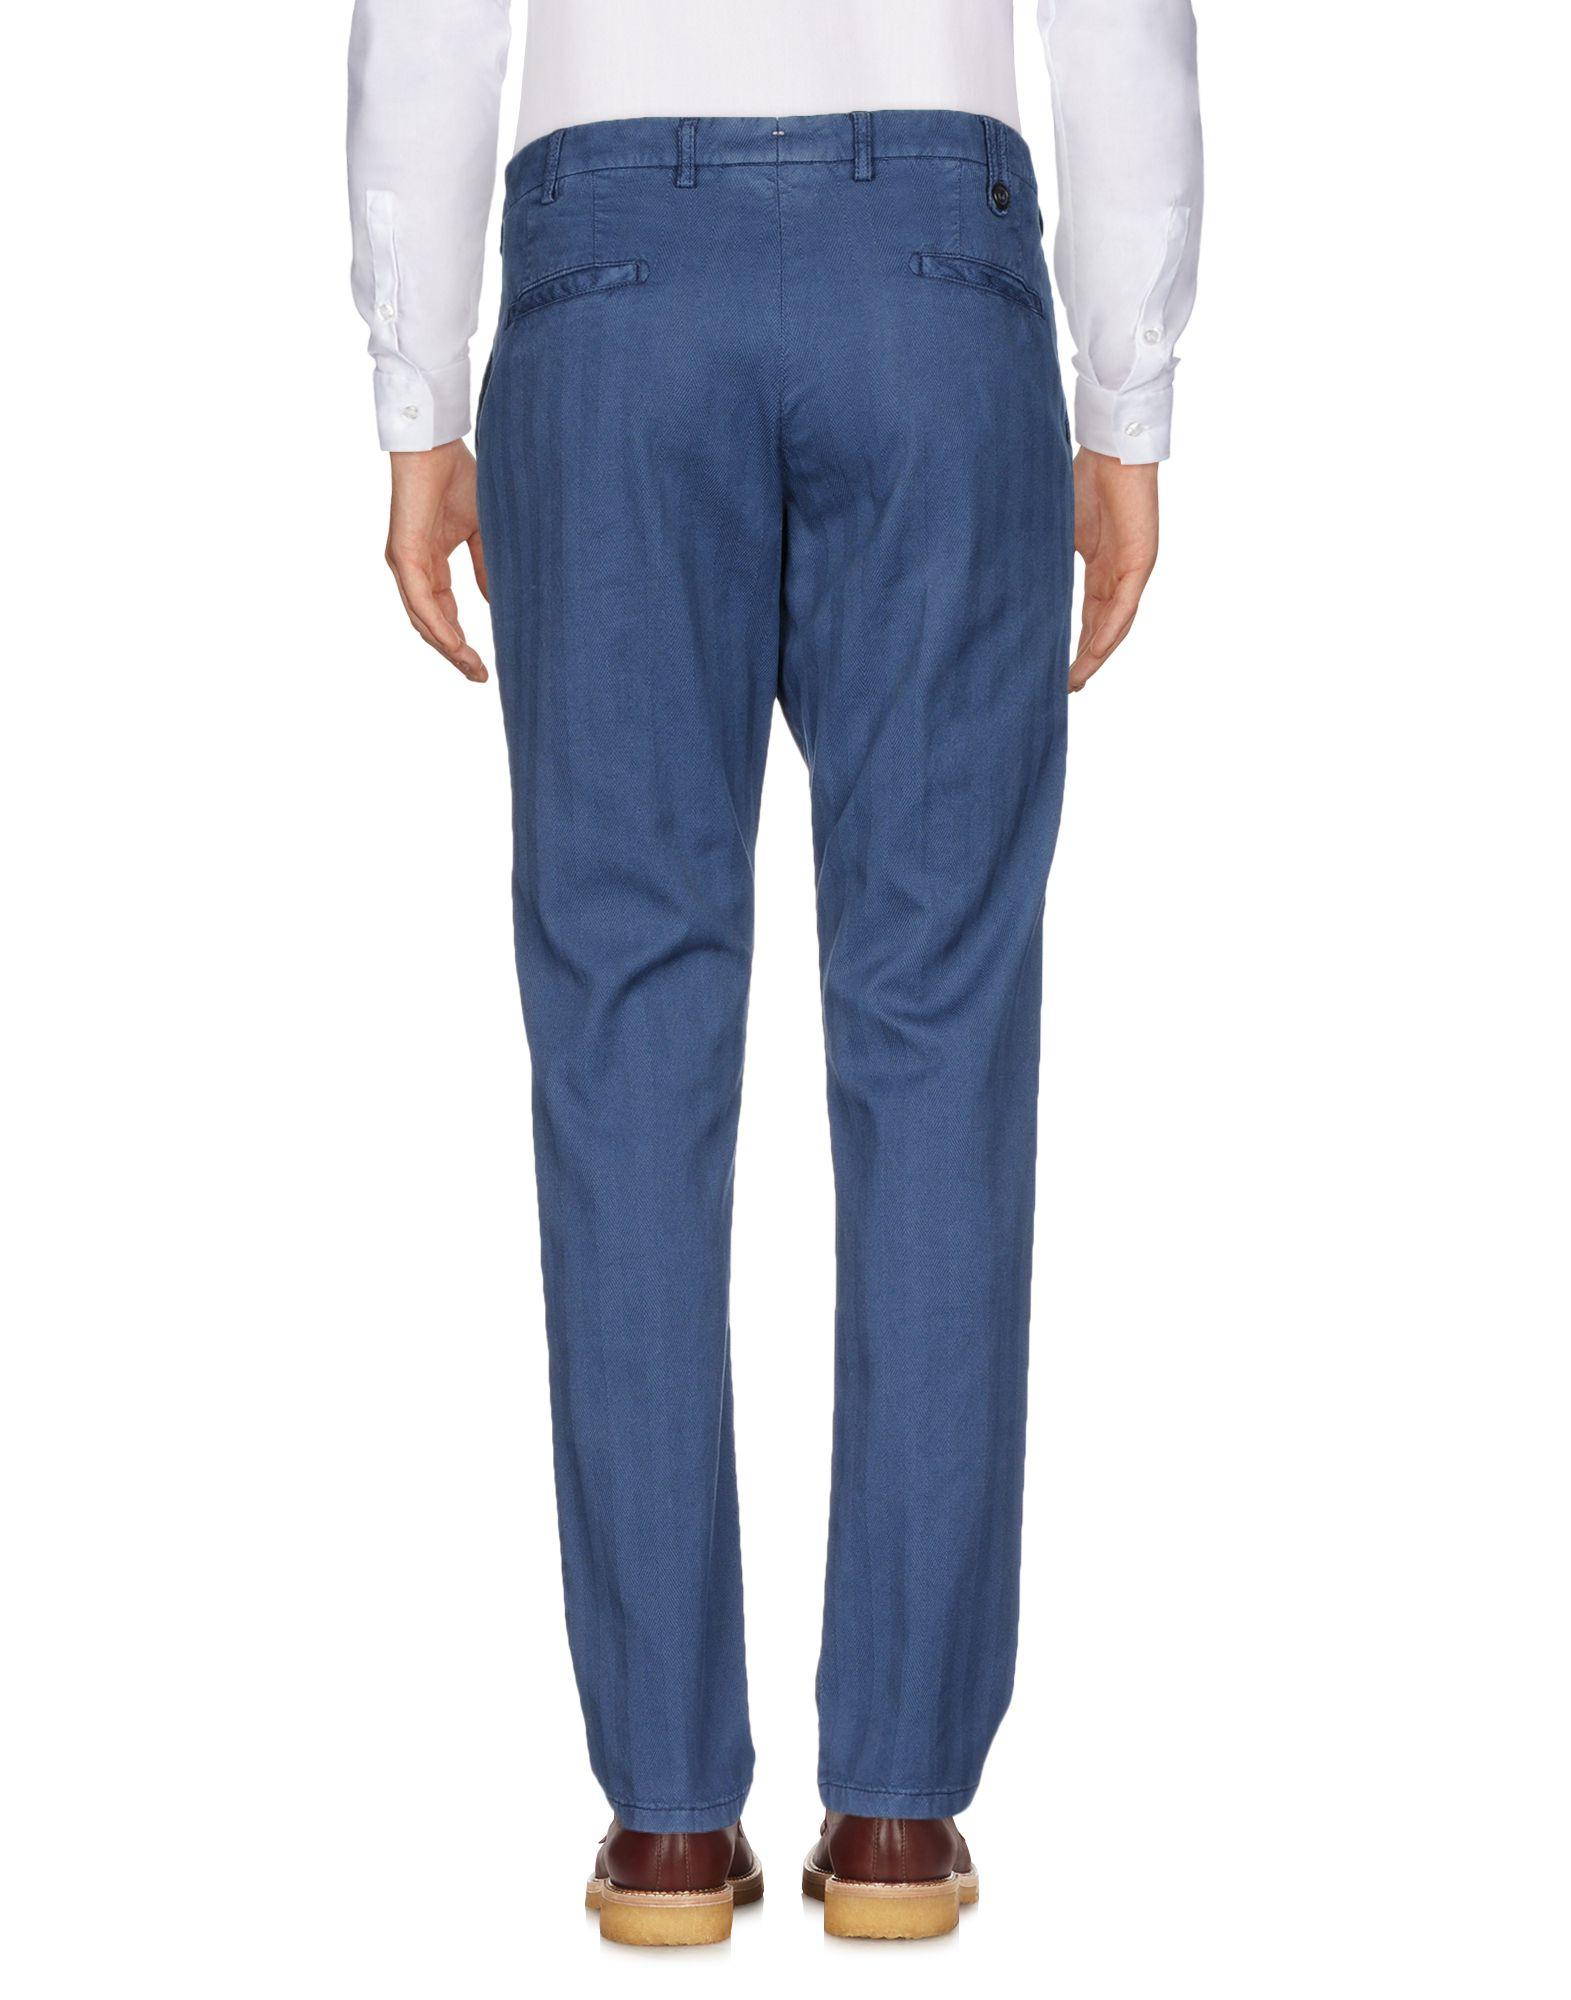 Pantalone Berwich Uomo Uomo Uomo - 13165426PE 5f4c20